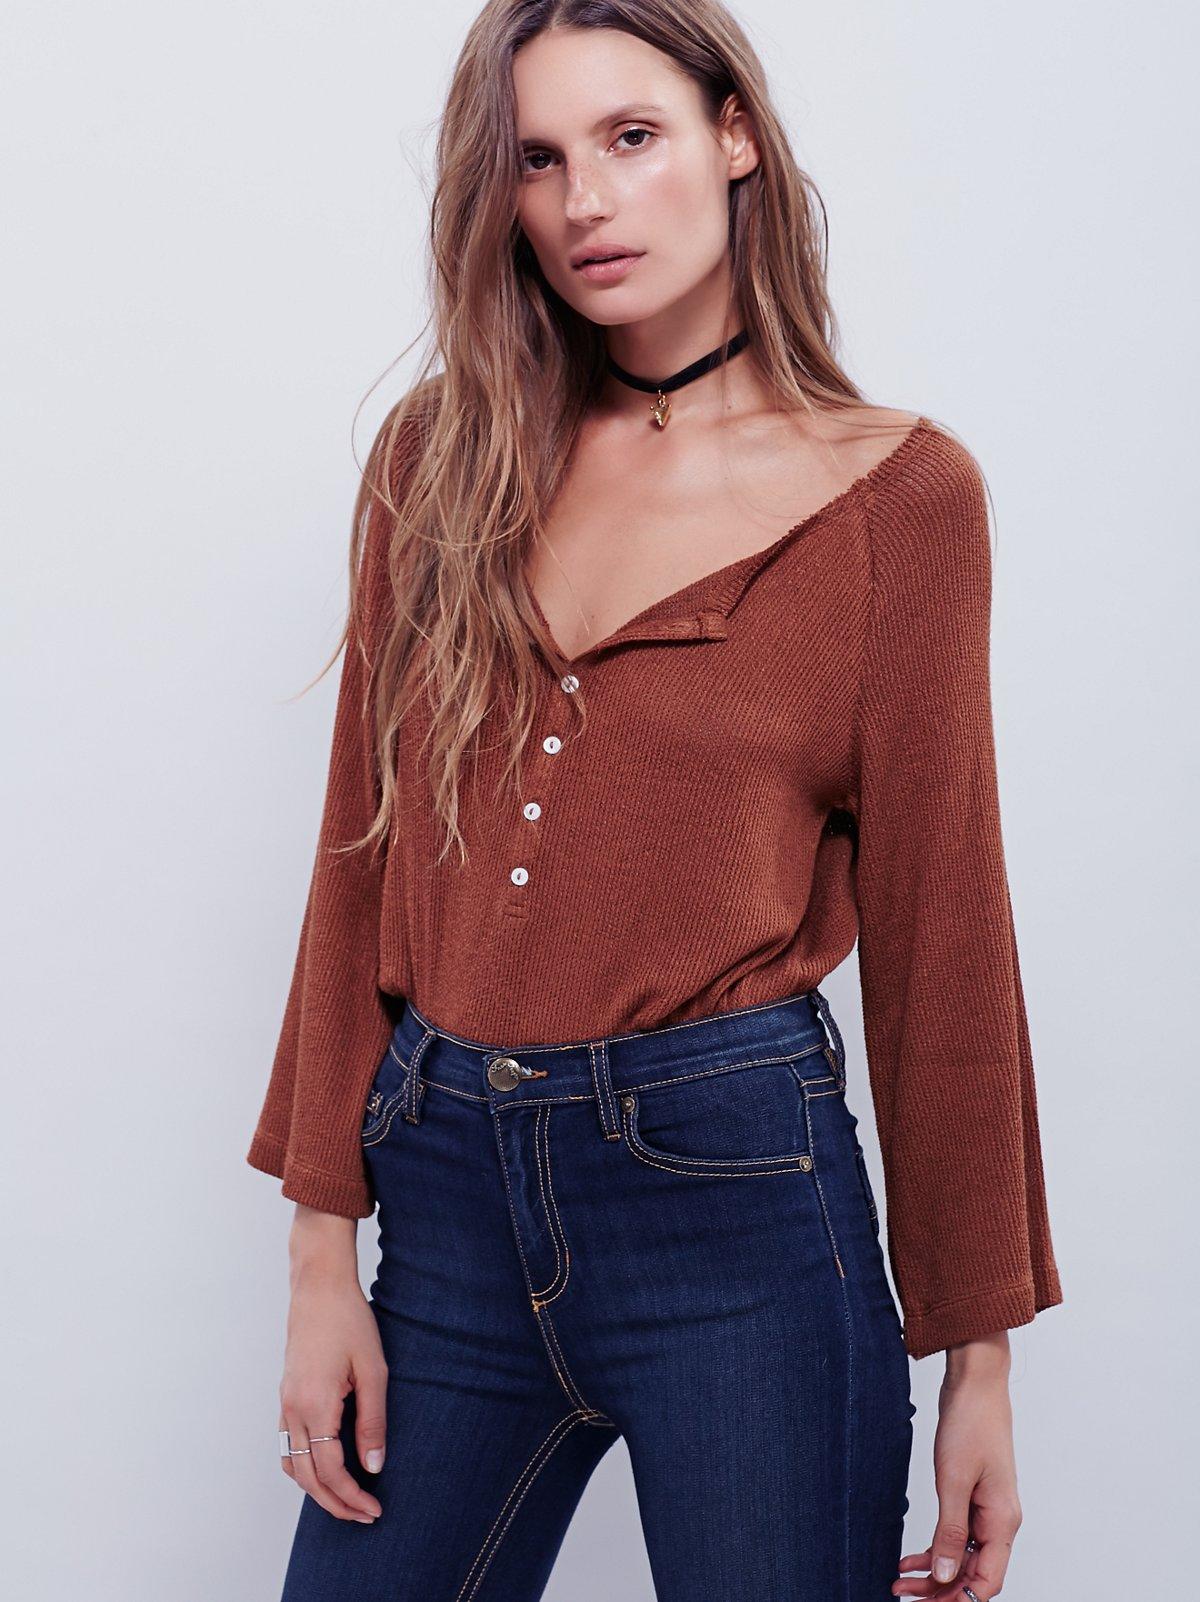 Denise's亨利衫